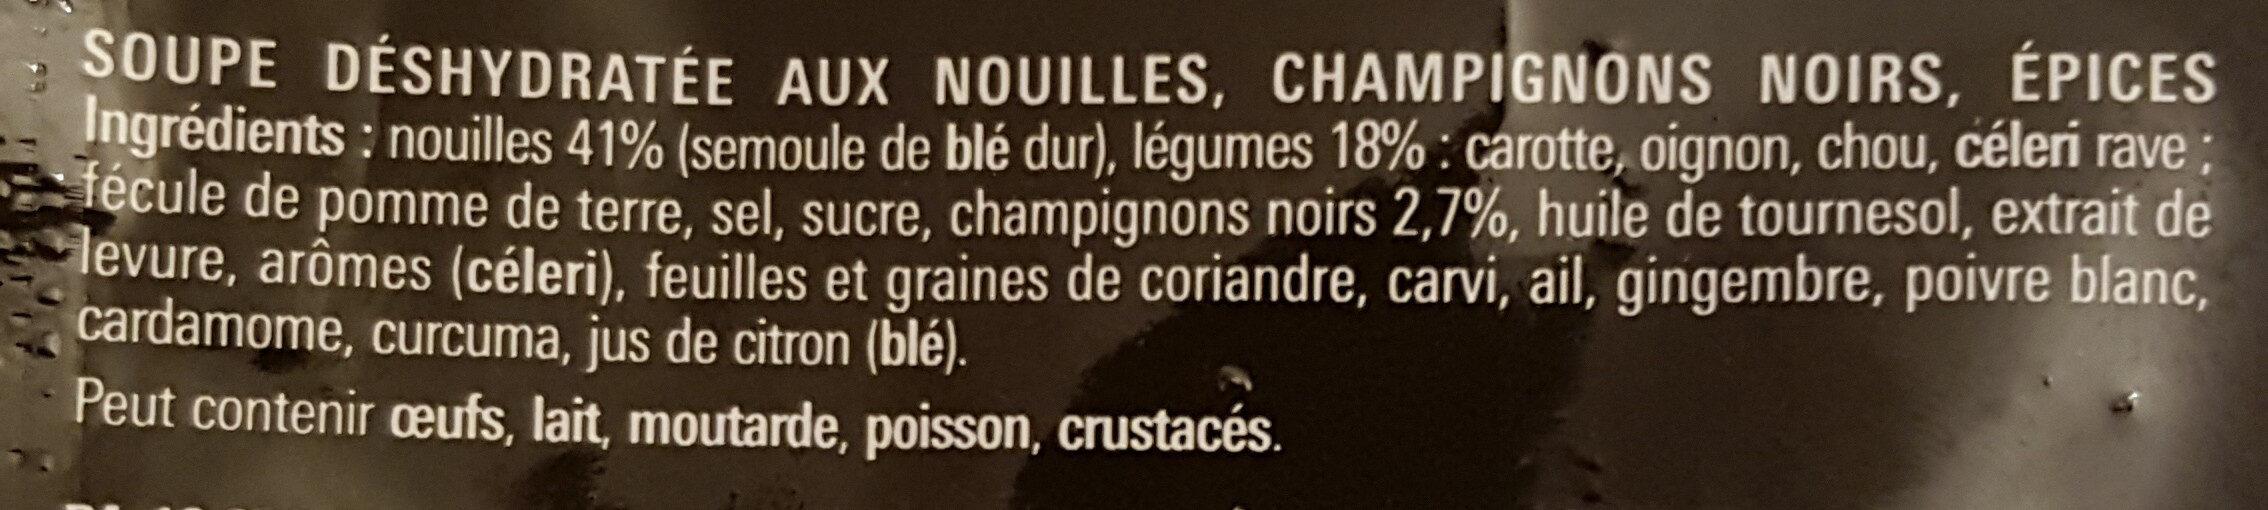 Soupe Chinoise nouilles, champignons noirs, épices - Ingrediënten - fr